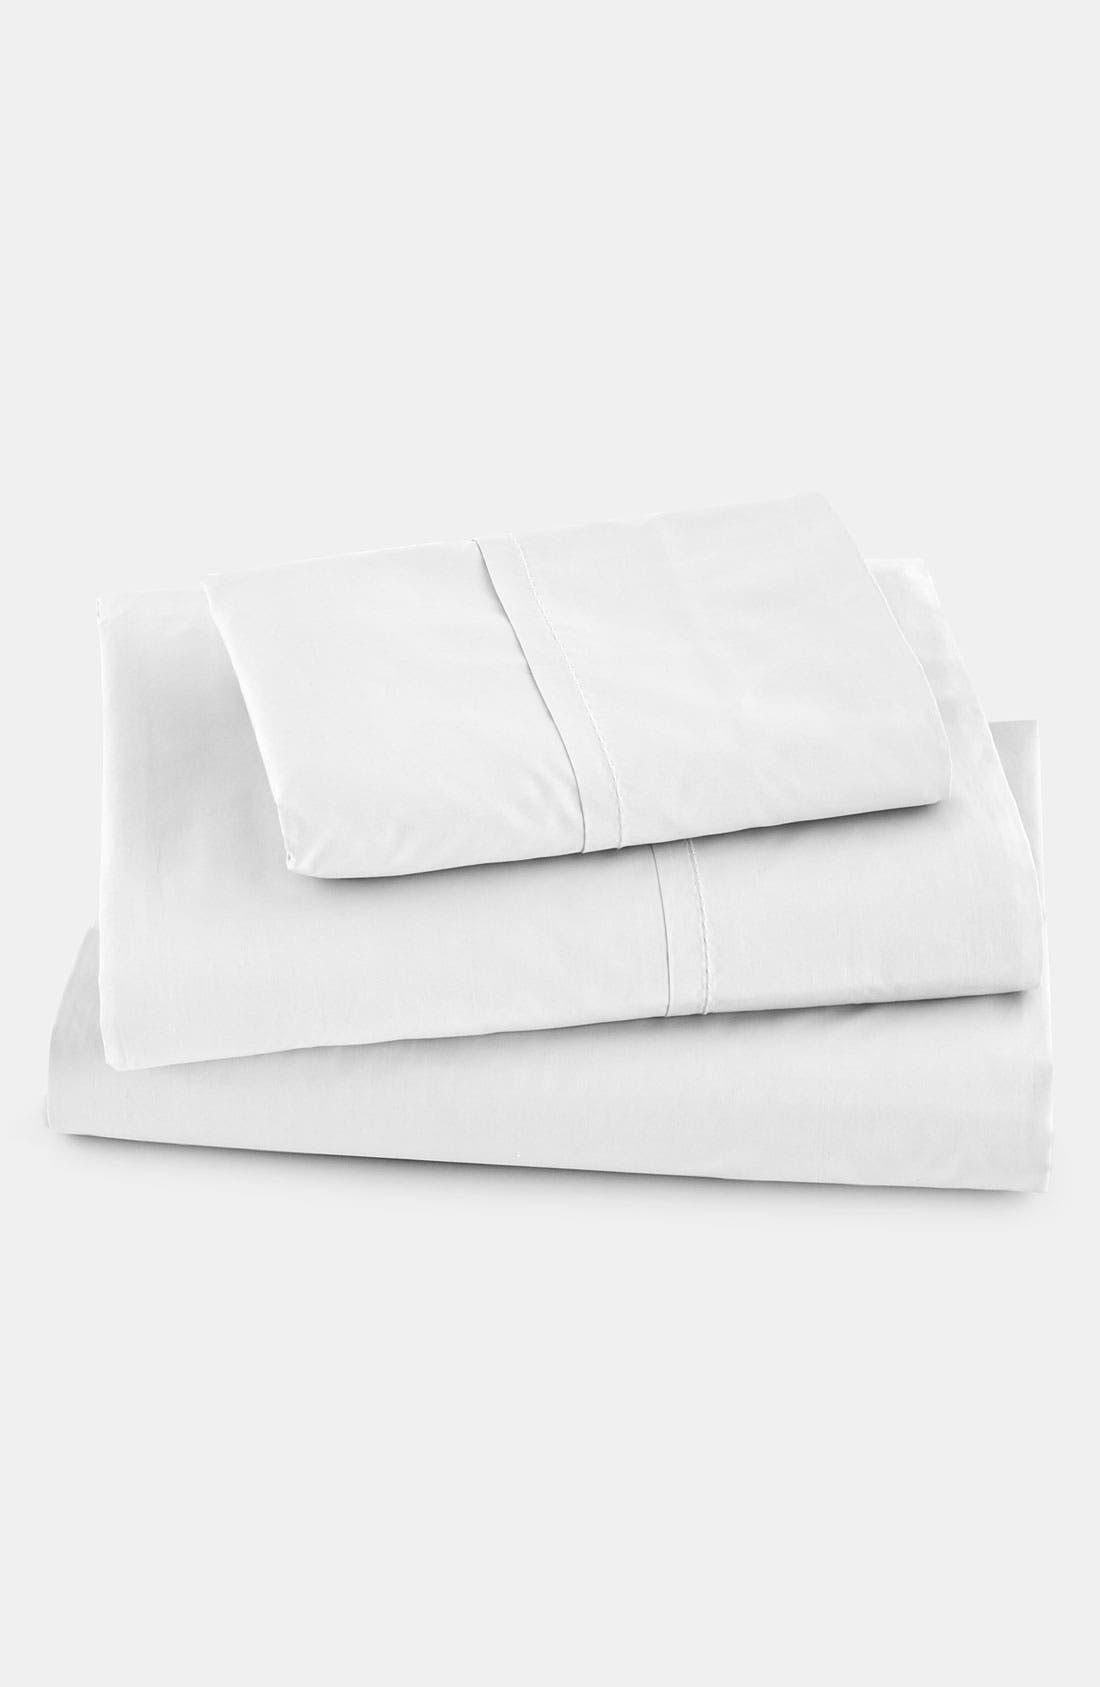 Donna Karan 'The Essential' 410 Thread Count Flat Sheet,                             Main thumbnail 1, color,                             100